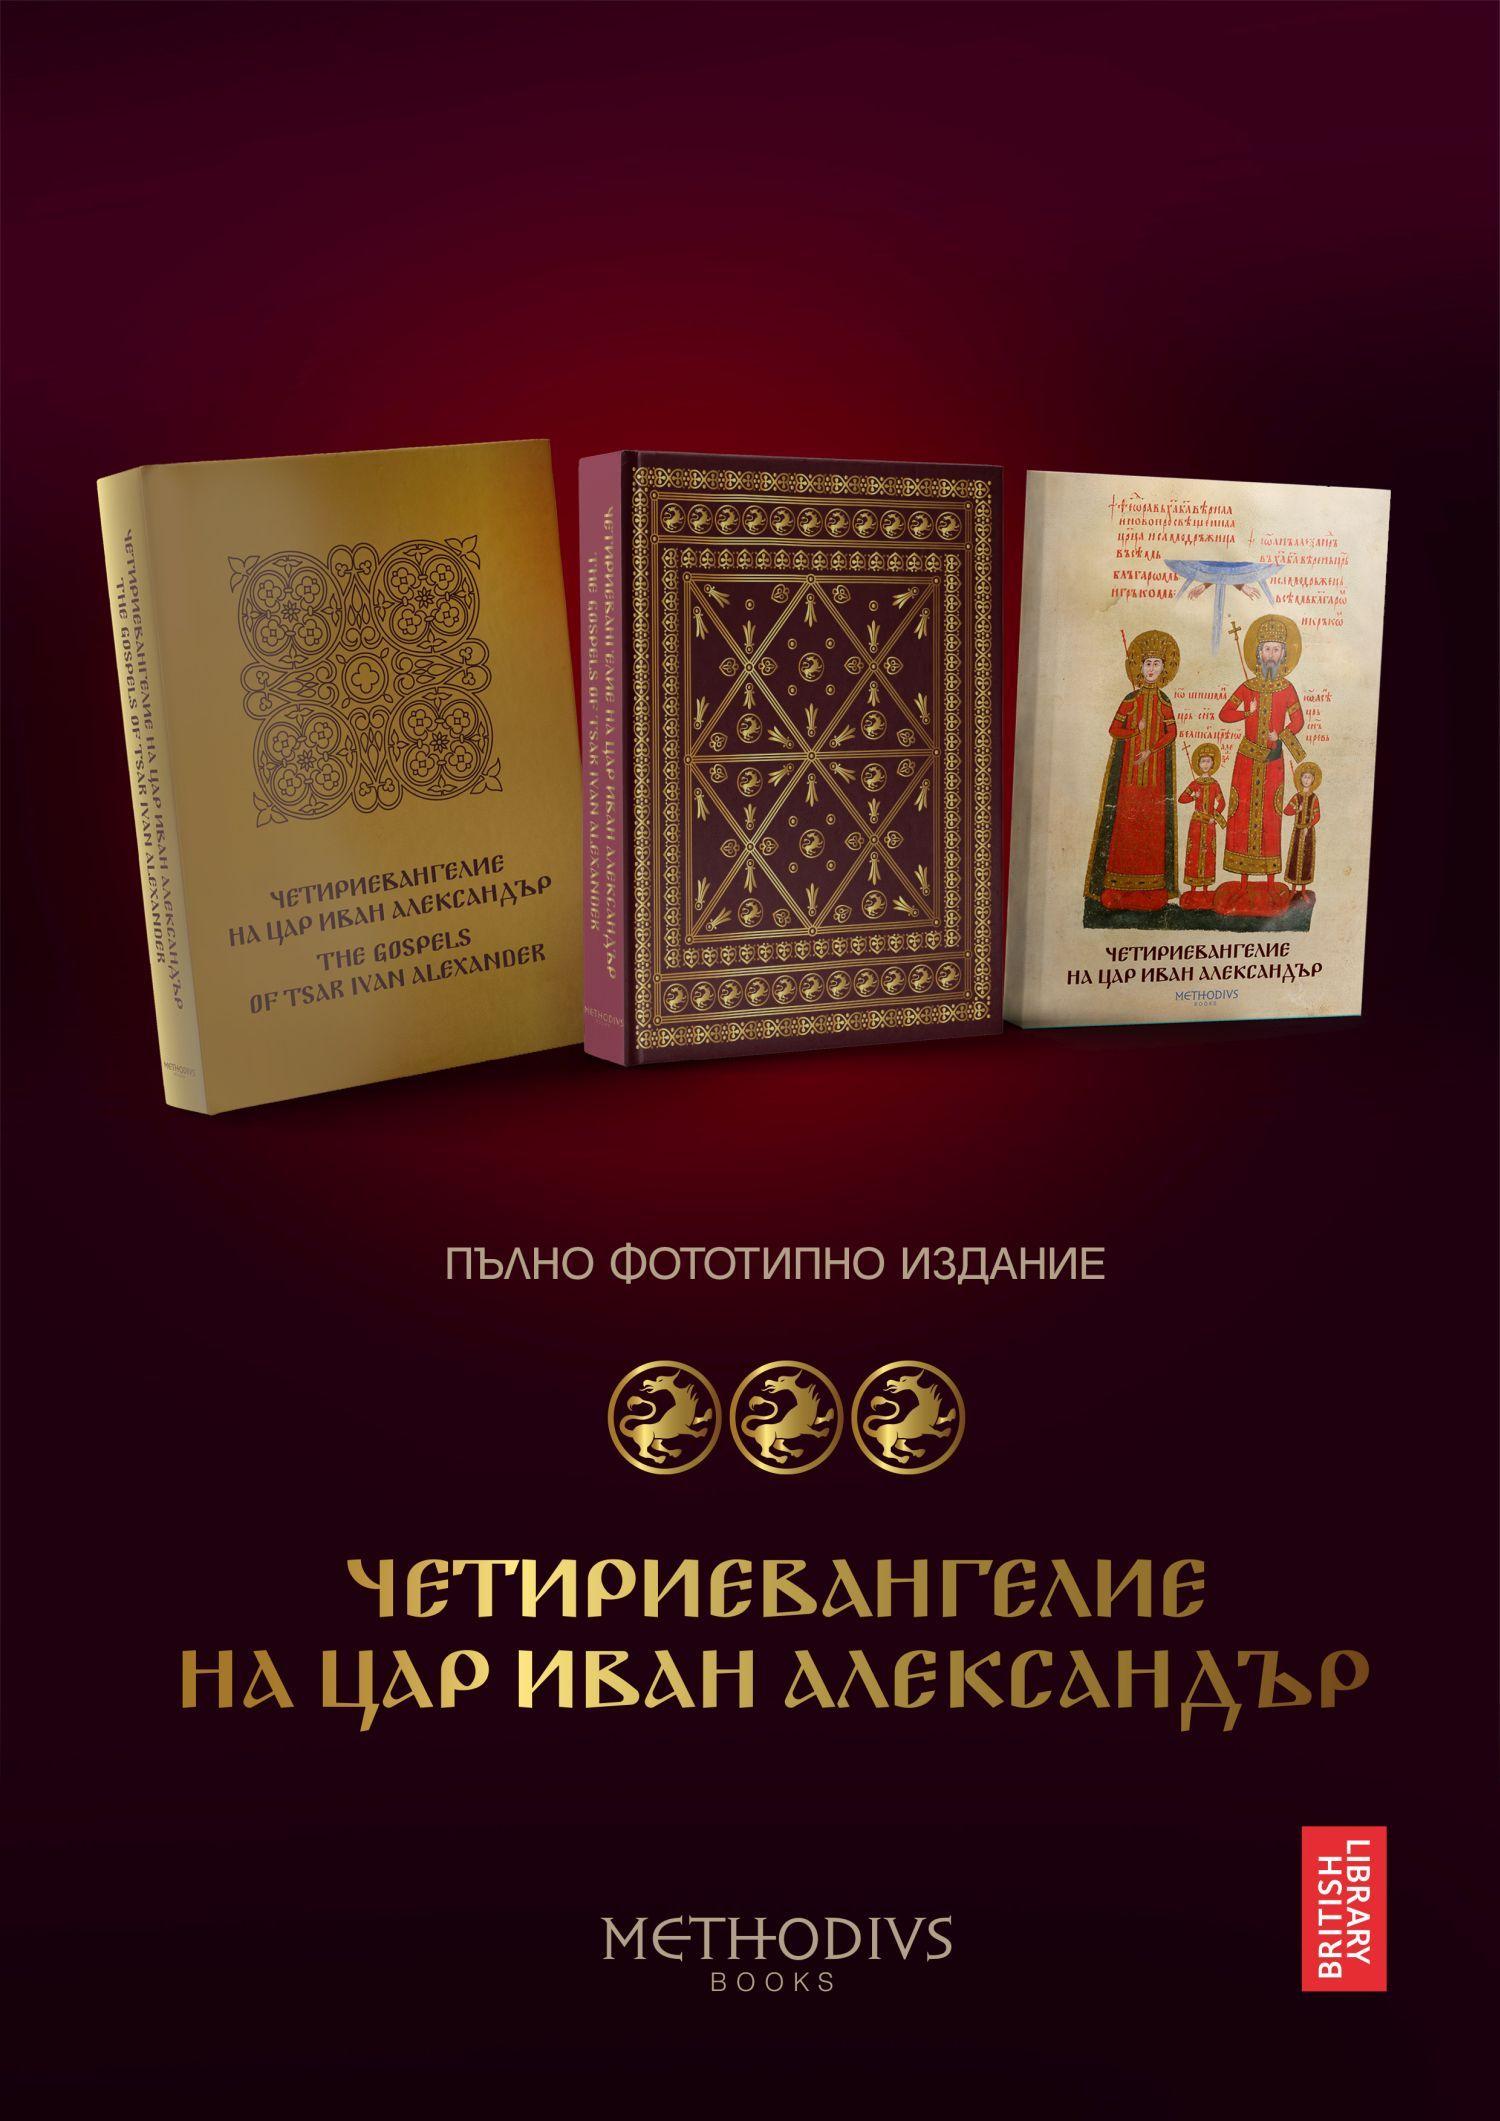 Пълно фототипно издание на Четириевангелието на цар Иван Александър - 3